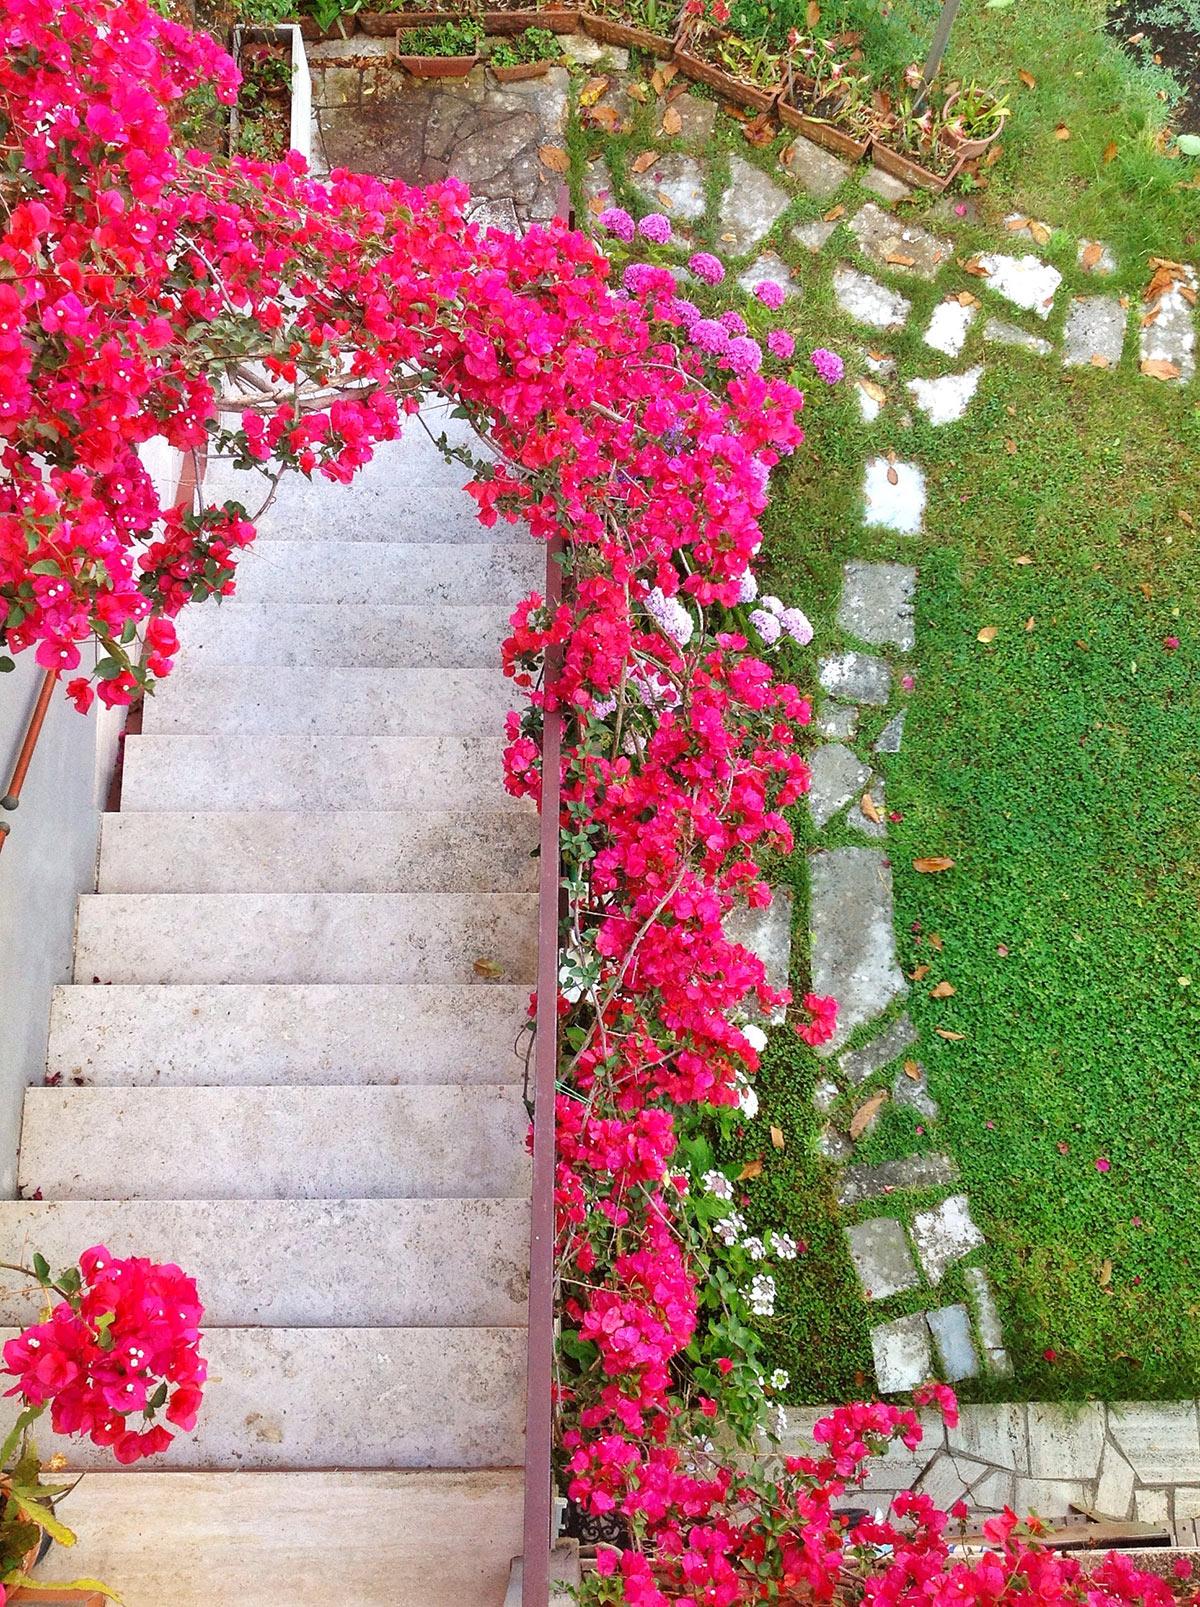 Roses autour d'un arc dans le jardin.